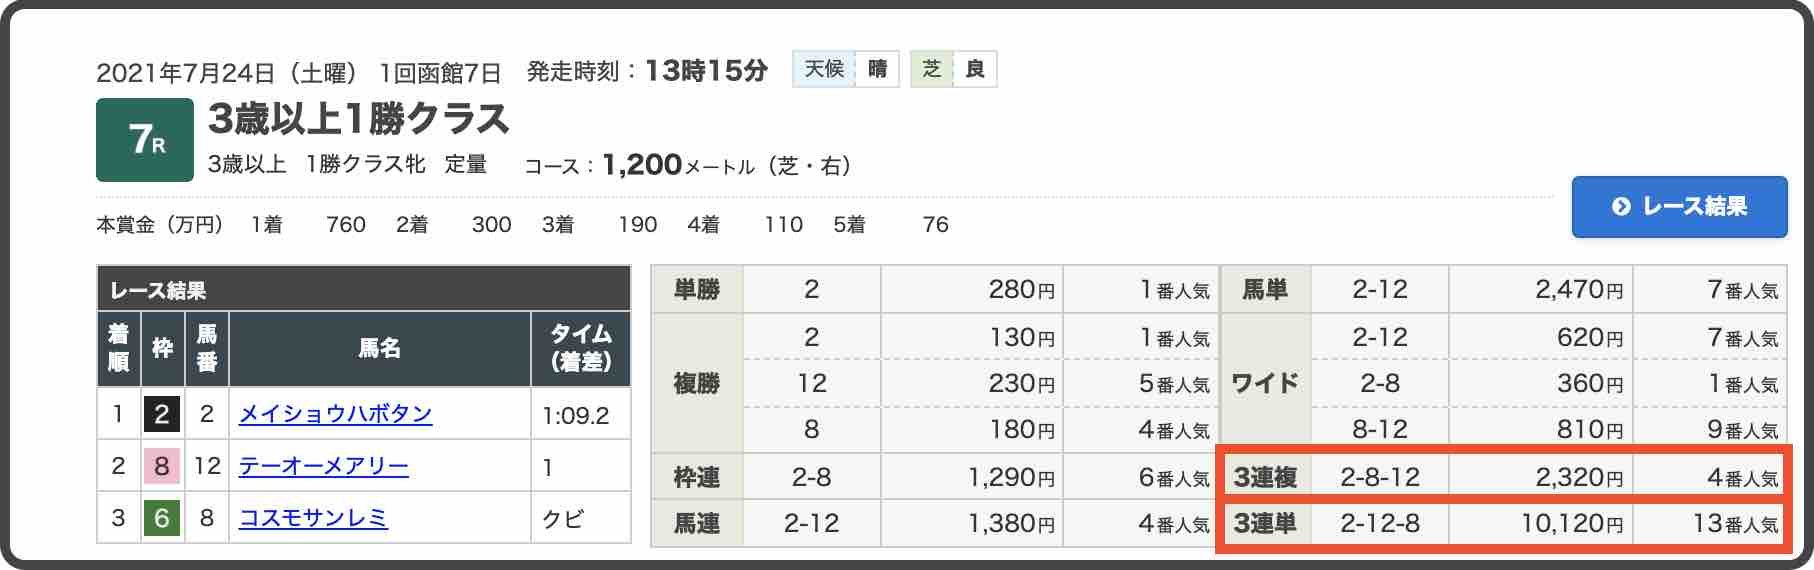 ヒットメーカーという競馬予想サイトのレース結果